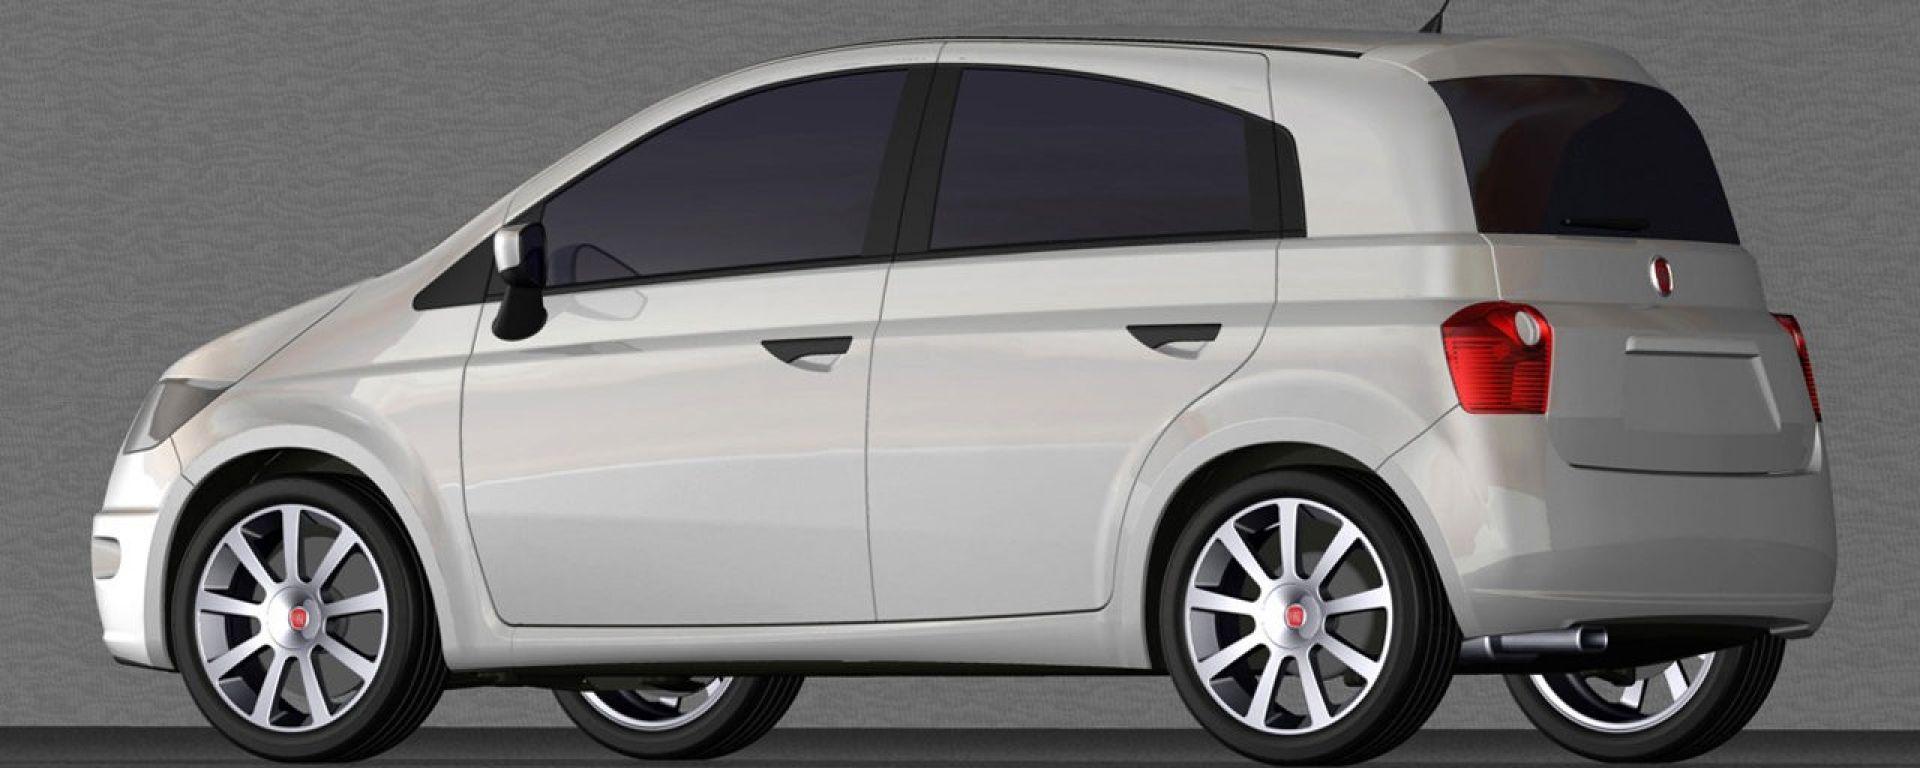 Nuova Fiat Panda: niente ibrido nel futuro